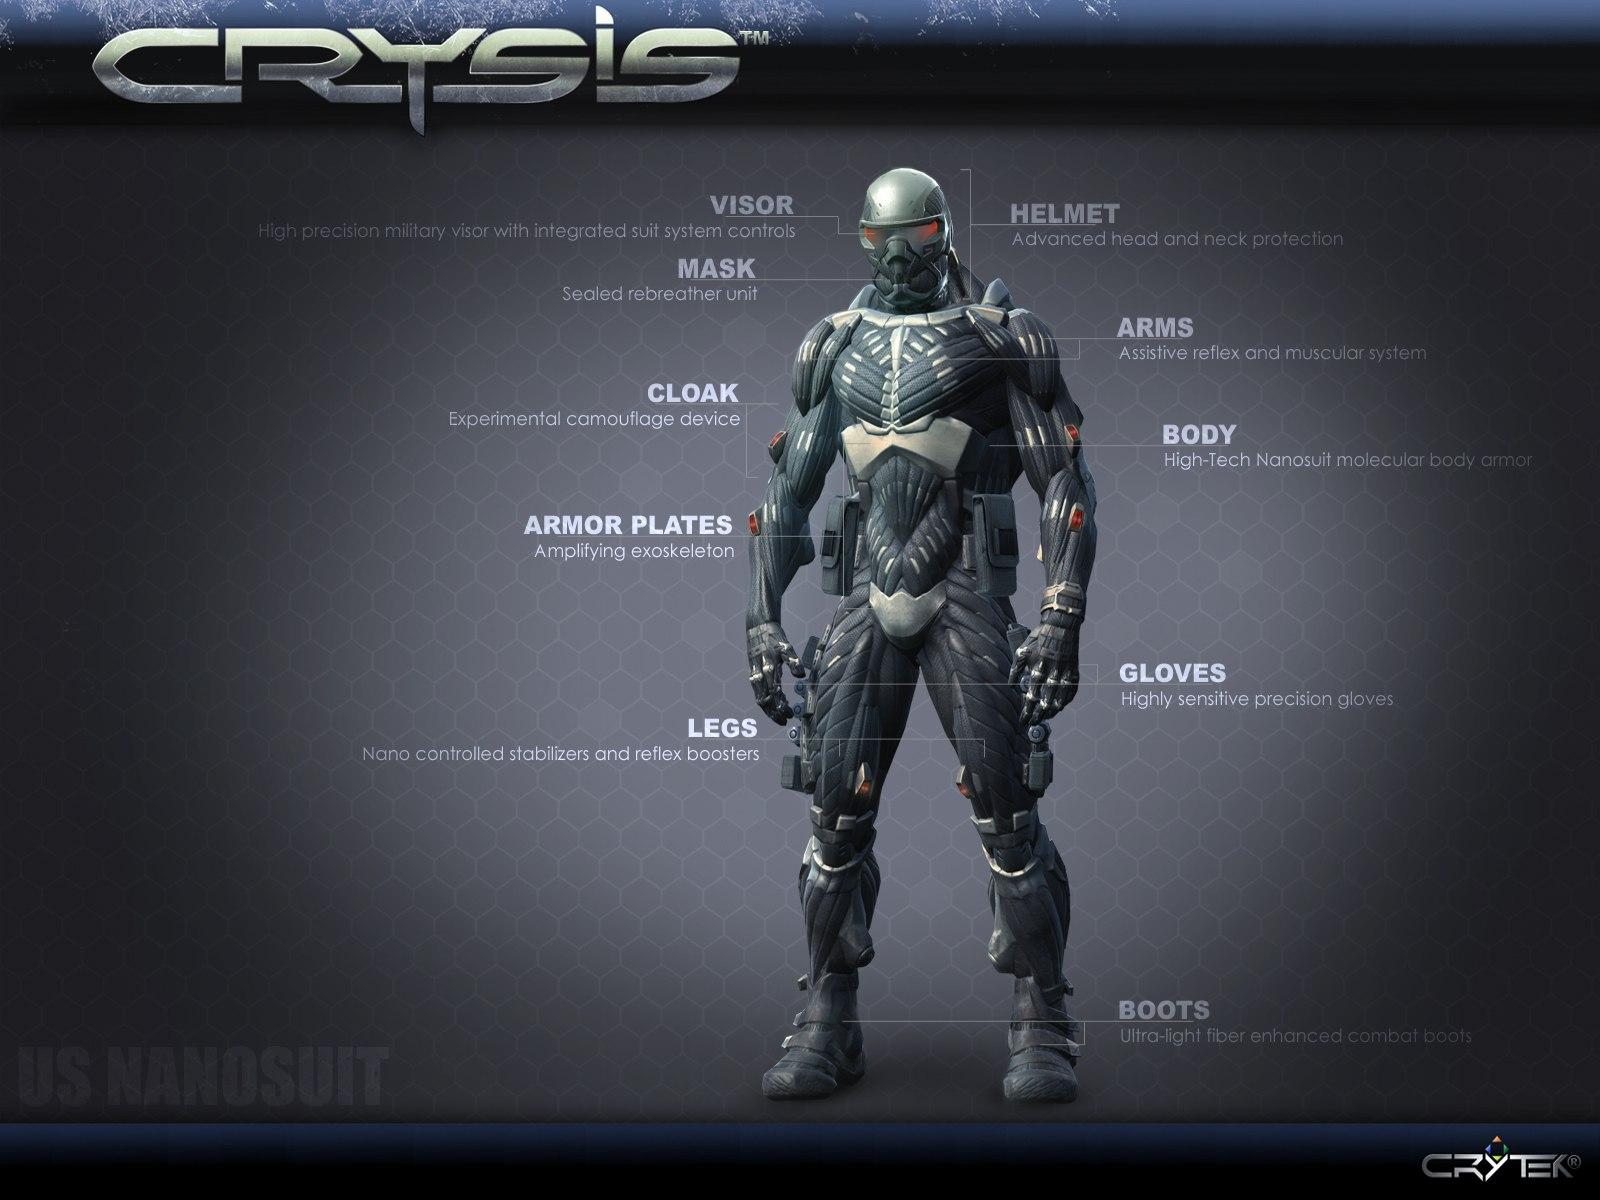 http://4.bp.blogspot.com/__AzKYnosGRE/TNVN5_kH8MI/AAAAAAAAACg/XySDm2Yn6VE/s1600/Crysis-US-Nanosuit-1324.jpg